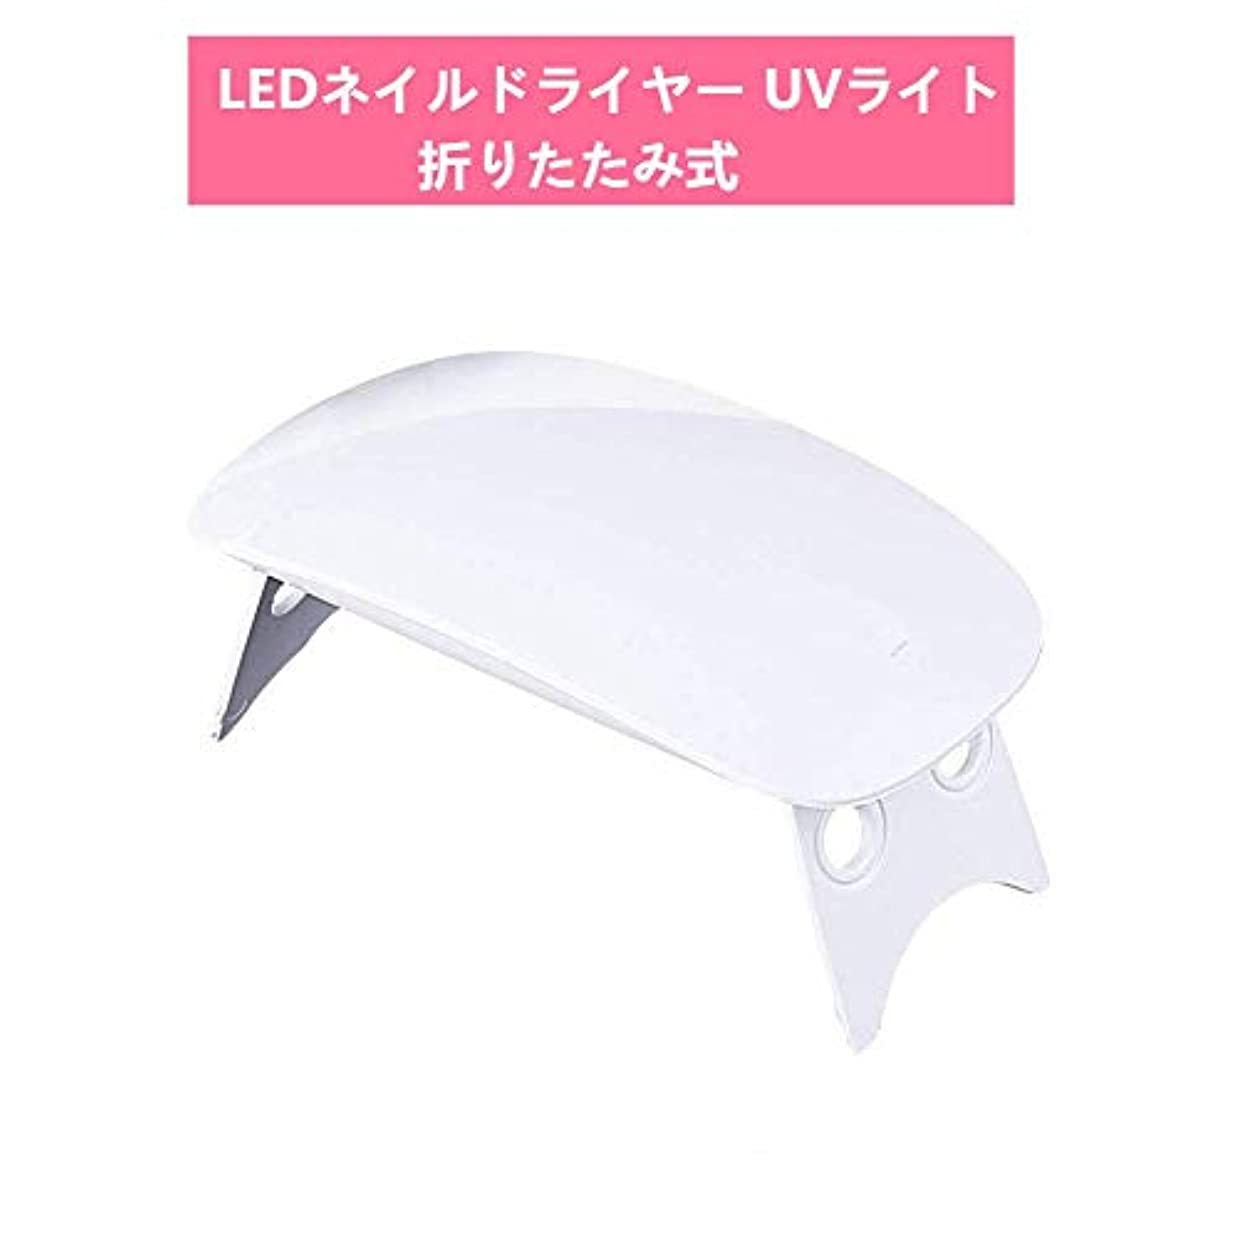 ログ水美徳FACAI LEDネイルドライヤー UVライト 折りたたみ式 設定可能 タイマー ジェルネイル LED 硬化ライト UV と LEDダブルライト ジェルネイル用 ホワイト